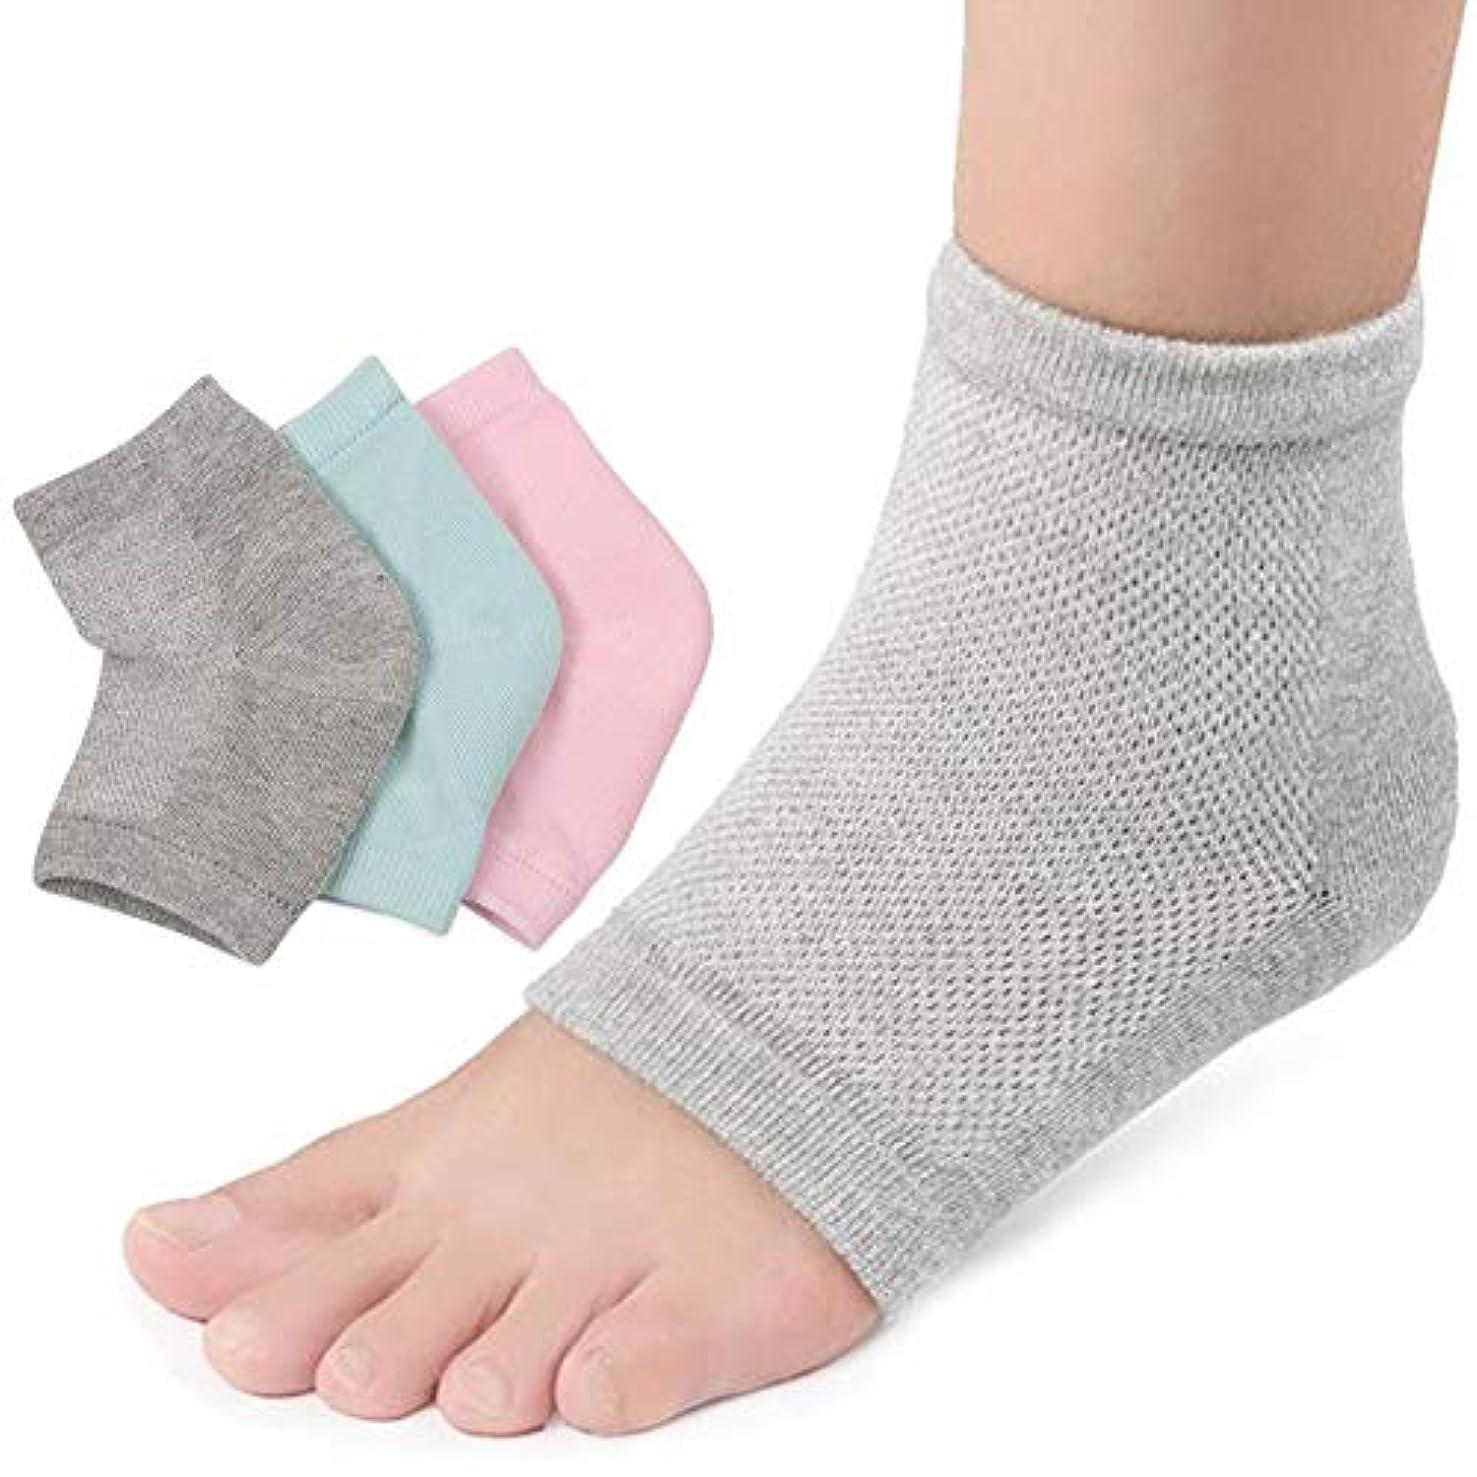 虫石化するガイド3足セットかかと 靴下 かかとケア つるつる ジェル 靴下 角質 ケア 保湿 美容 角質除去足ケア 男女兼用